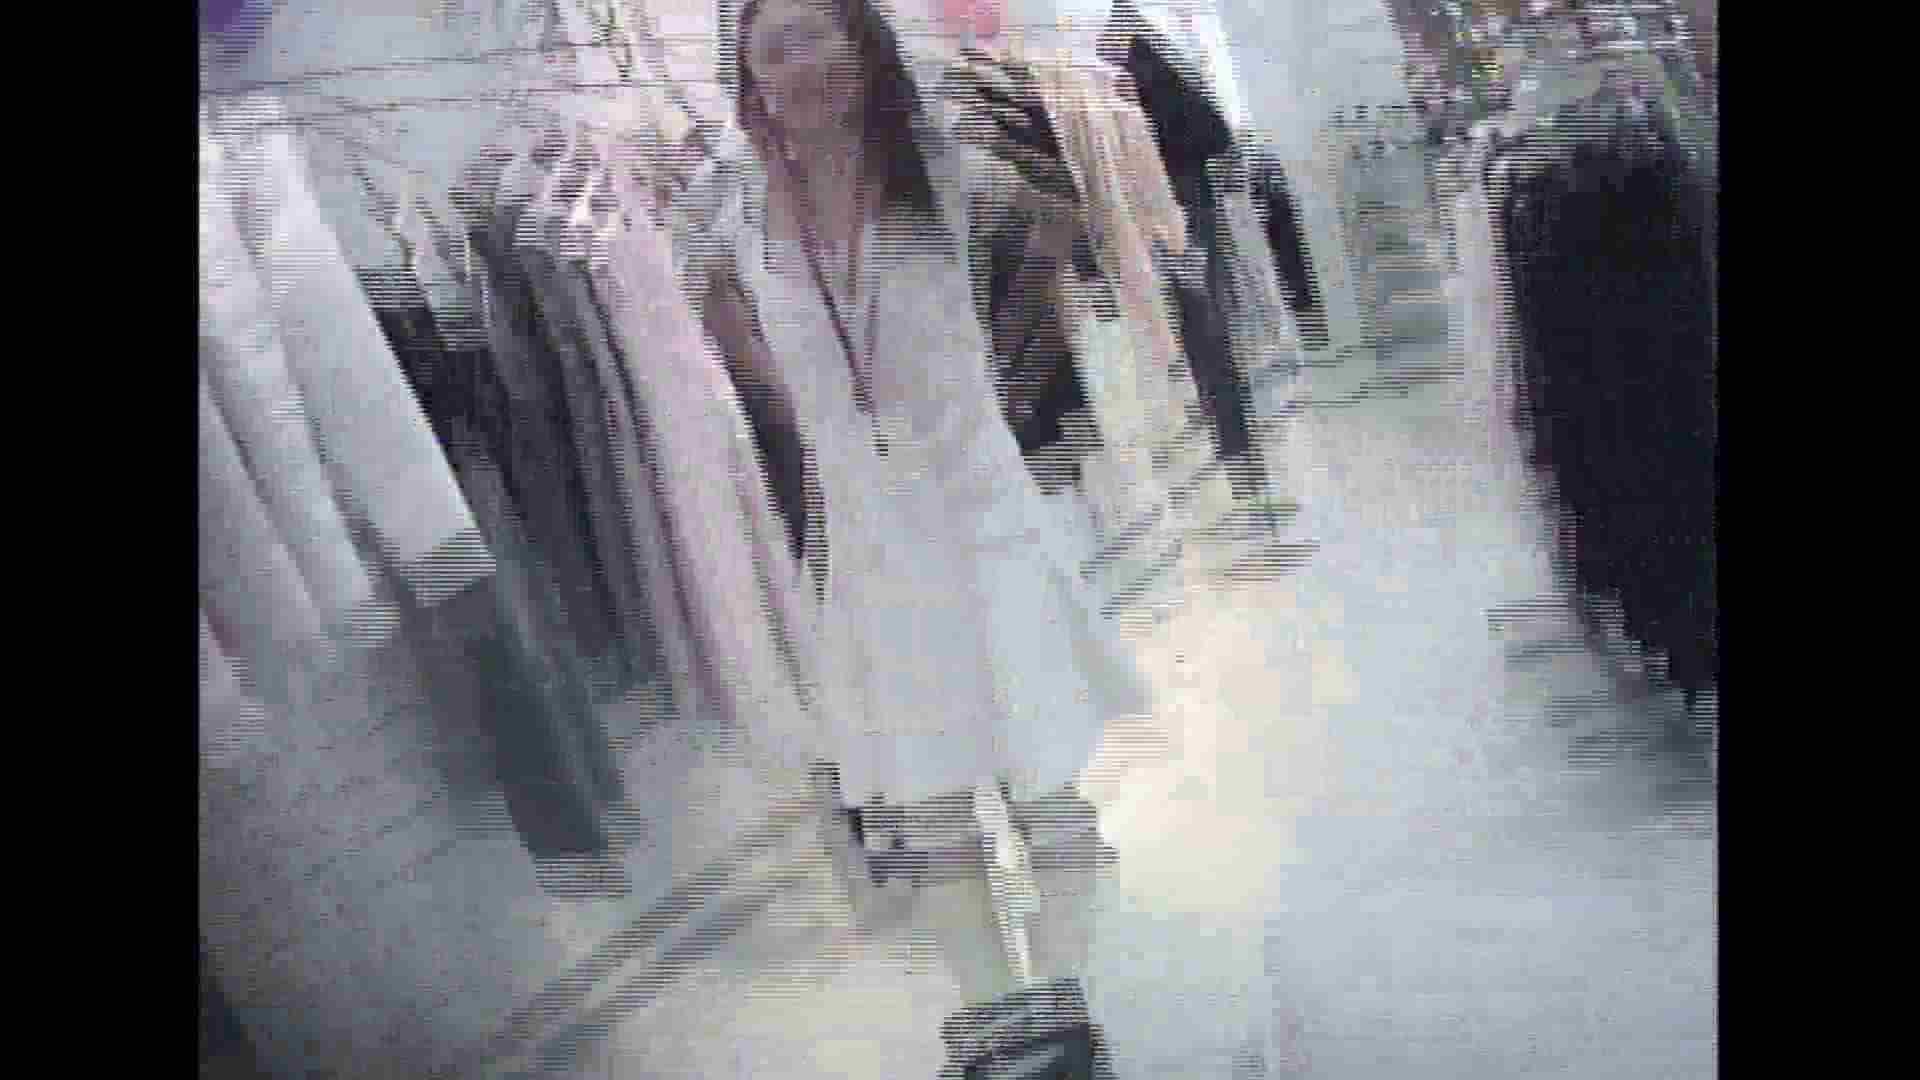 働く美女の谷間参拝 Vol.23 エロティックなOL 女性器鑑賞 80画像 57